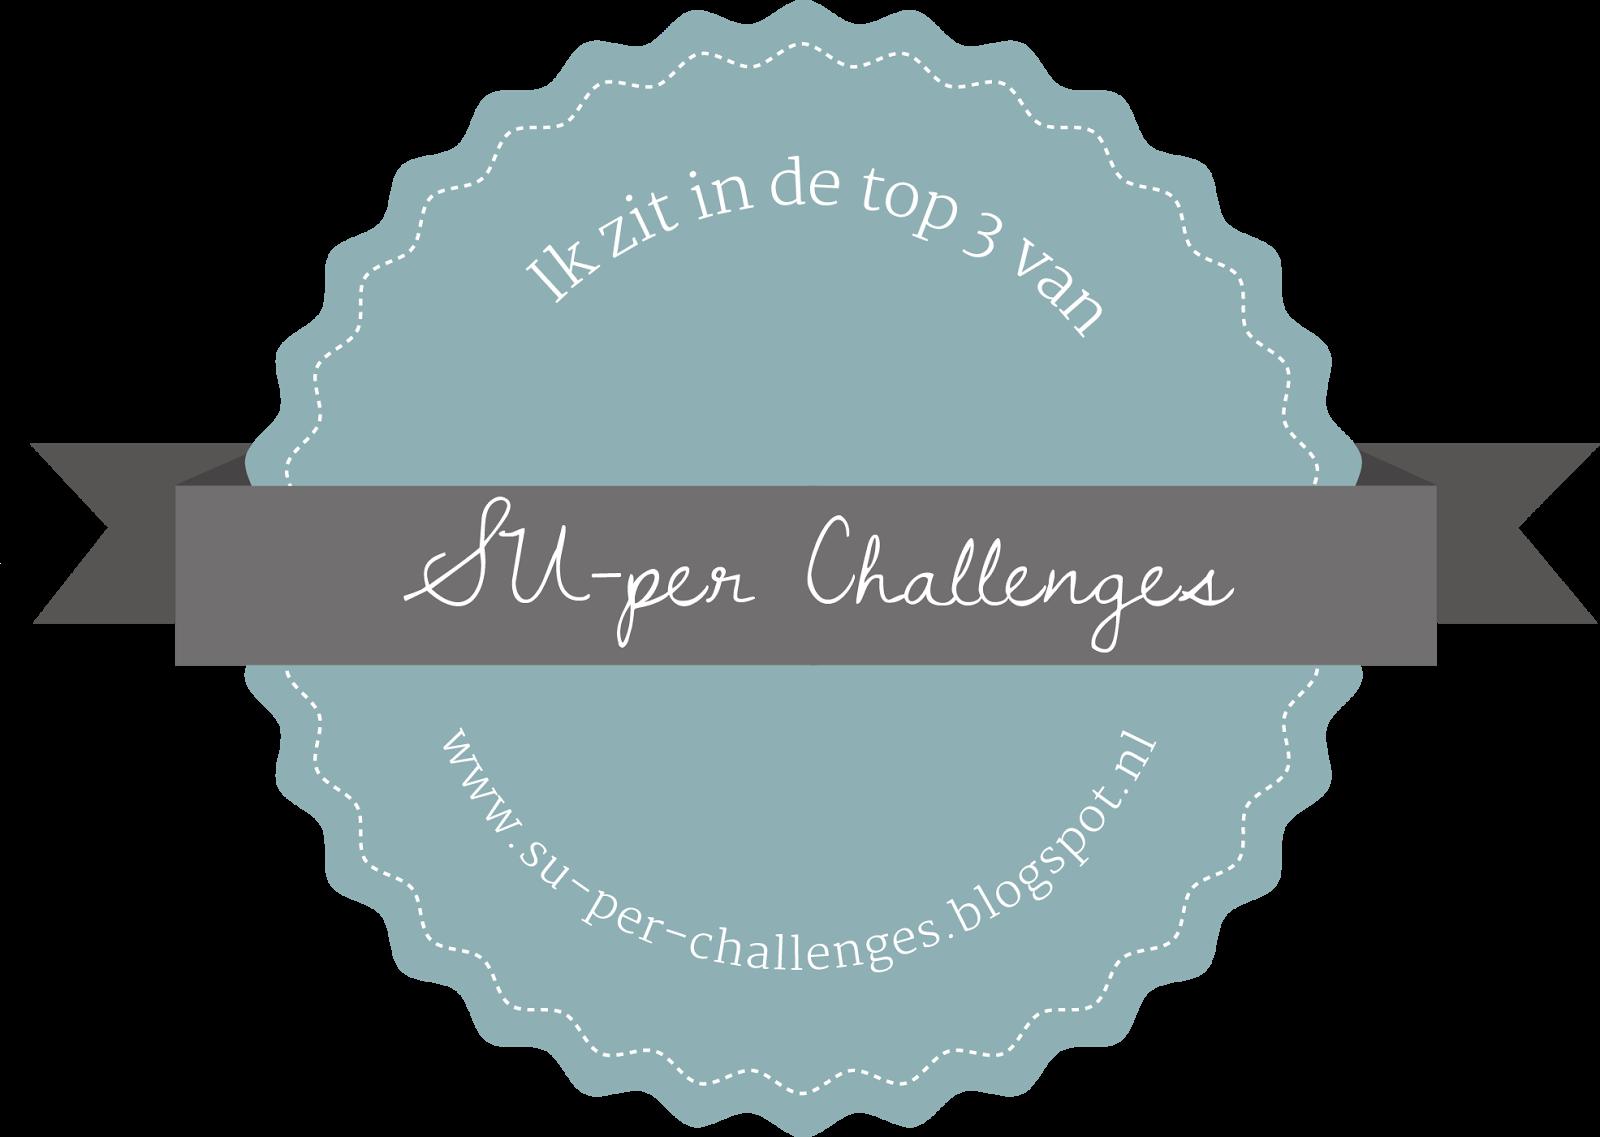 Top 3 bei Su-per Challengeblog